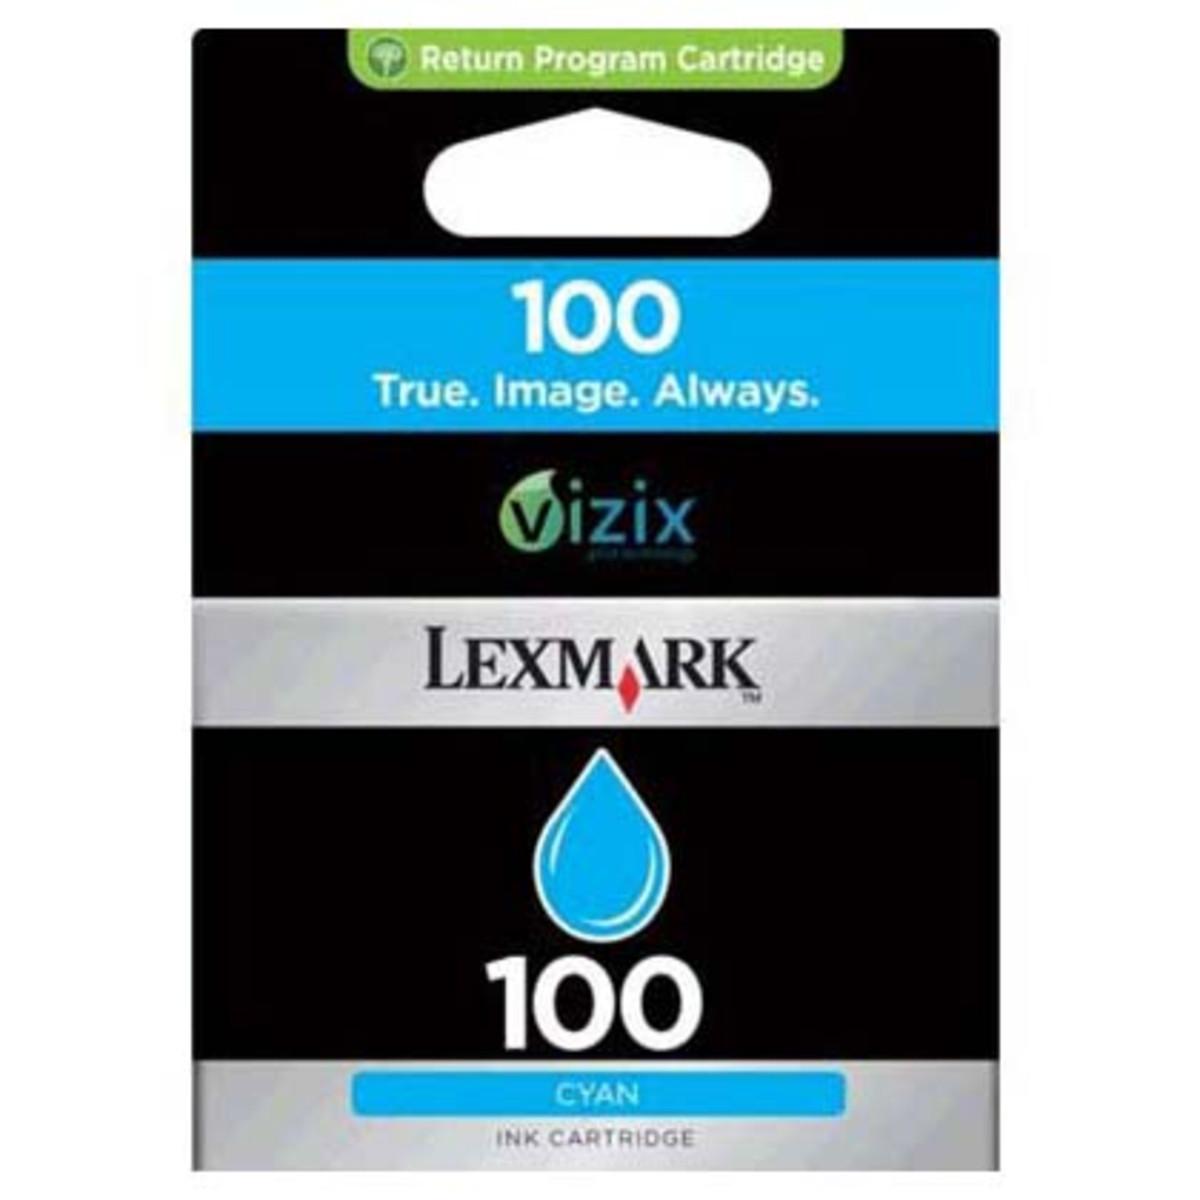 Lexmark 100 Cyan Ink Cartridge